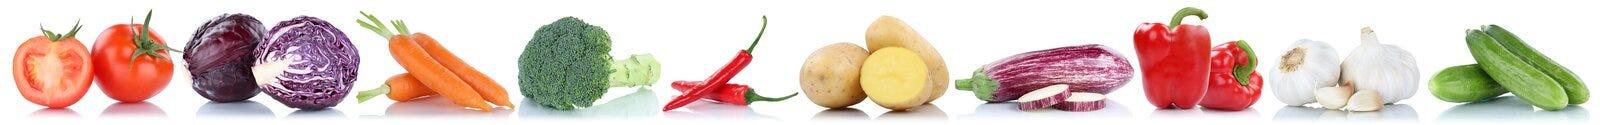 Λαχανικών καρότων φρέσκες ντομάτες πατατών τροφίμων φυτικές cucumb Στοκ Φωτογραφίες